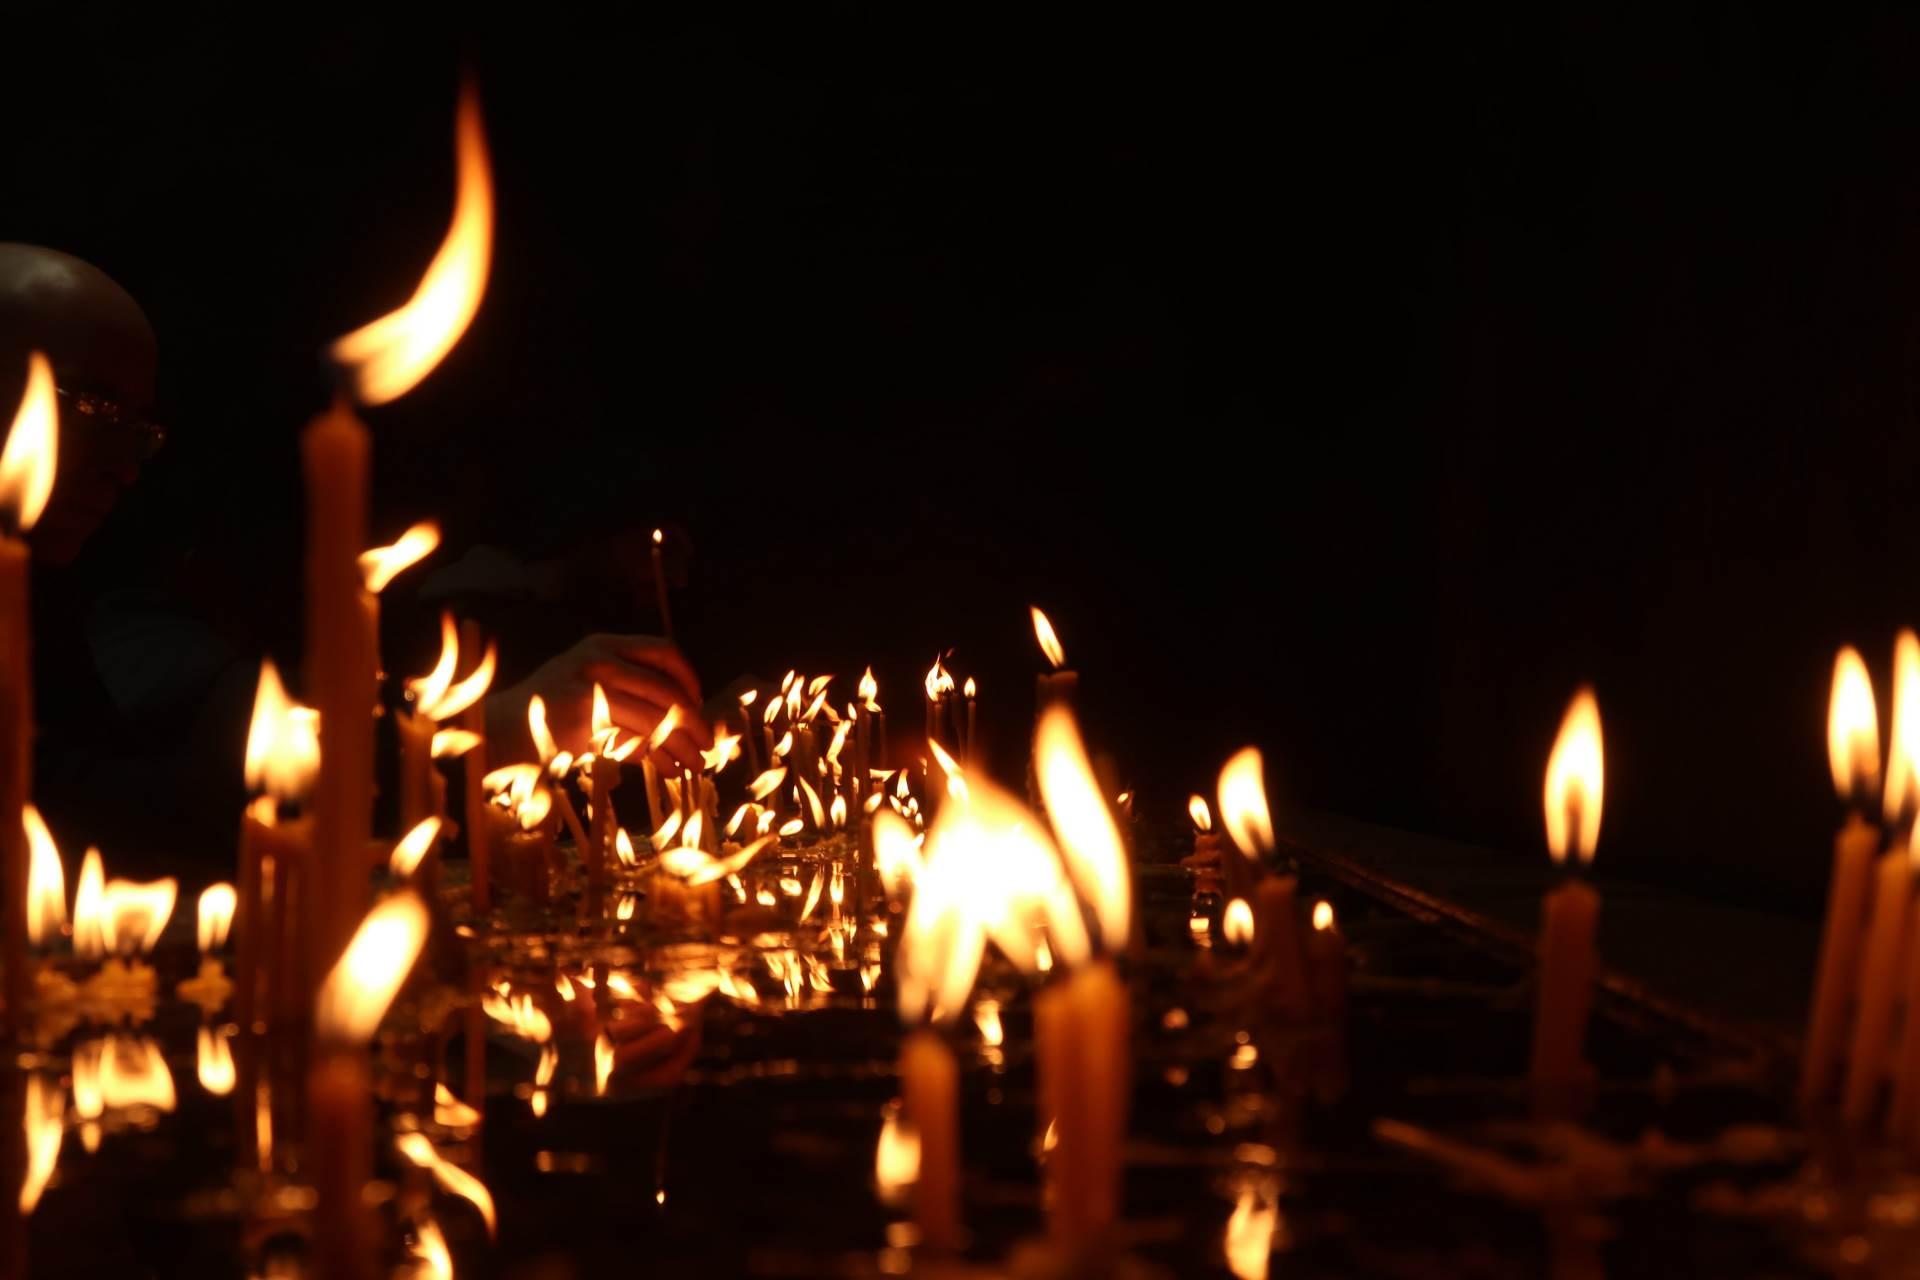 svijeće, šterike, pokojni, sahrana